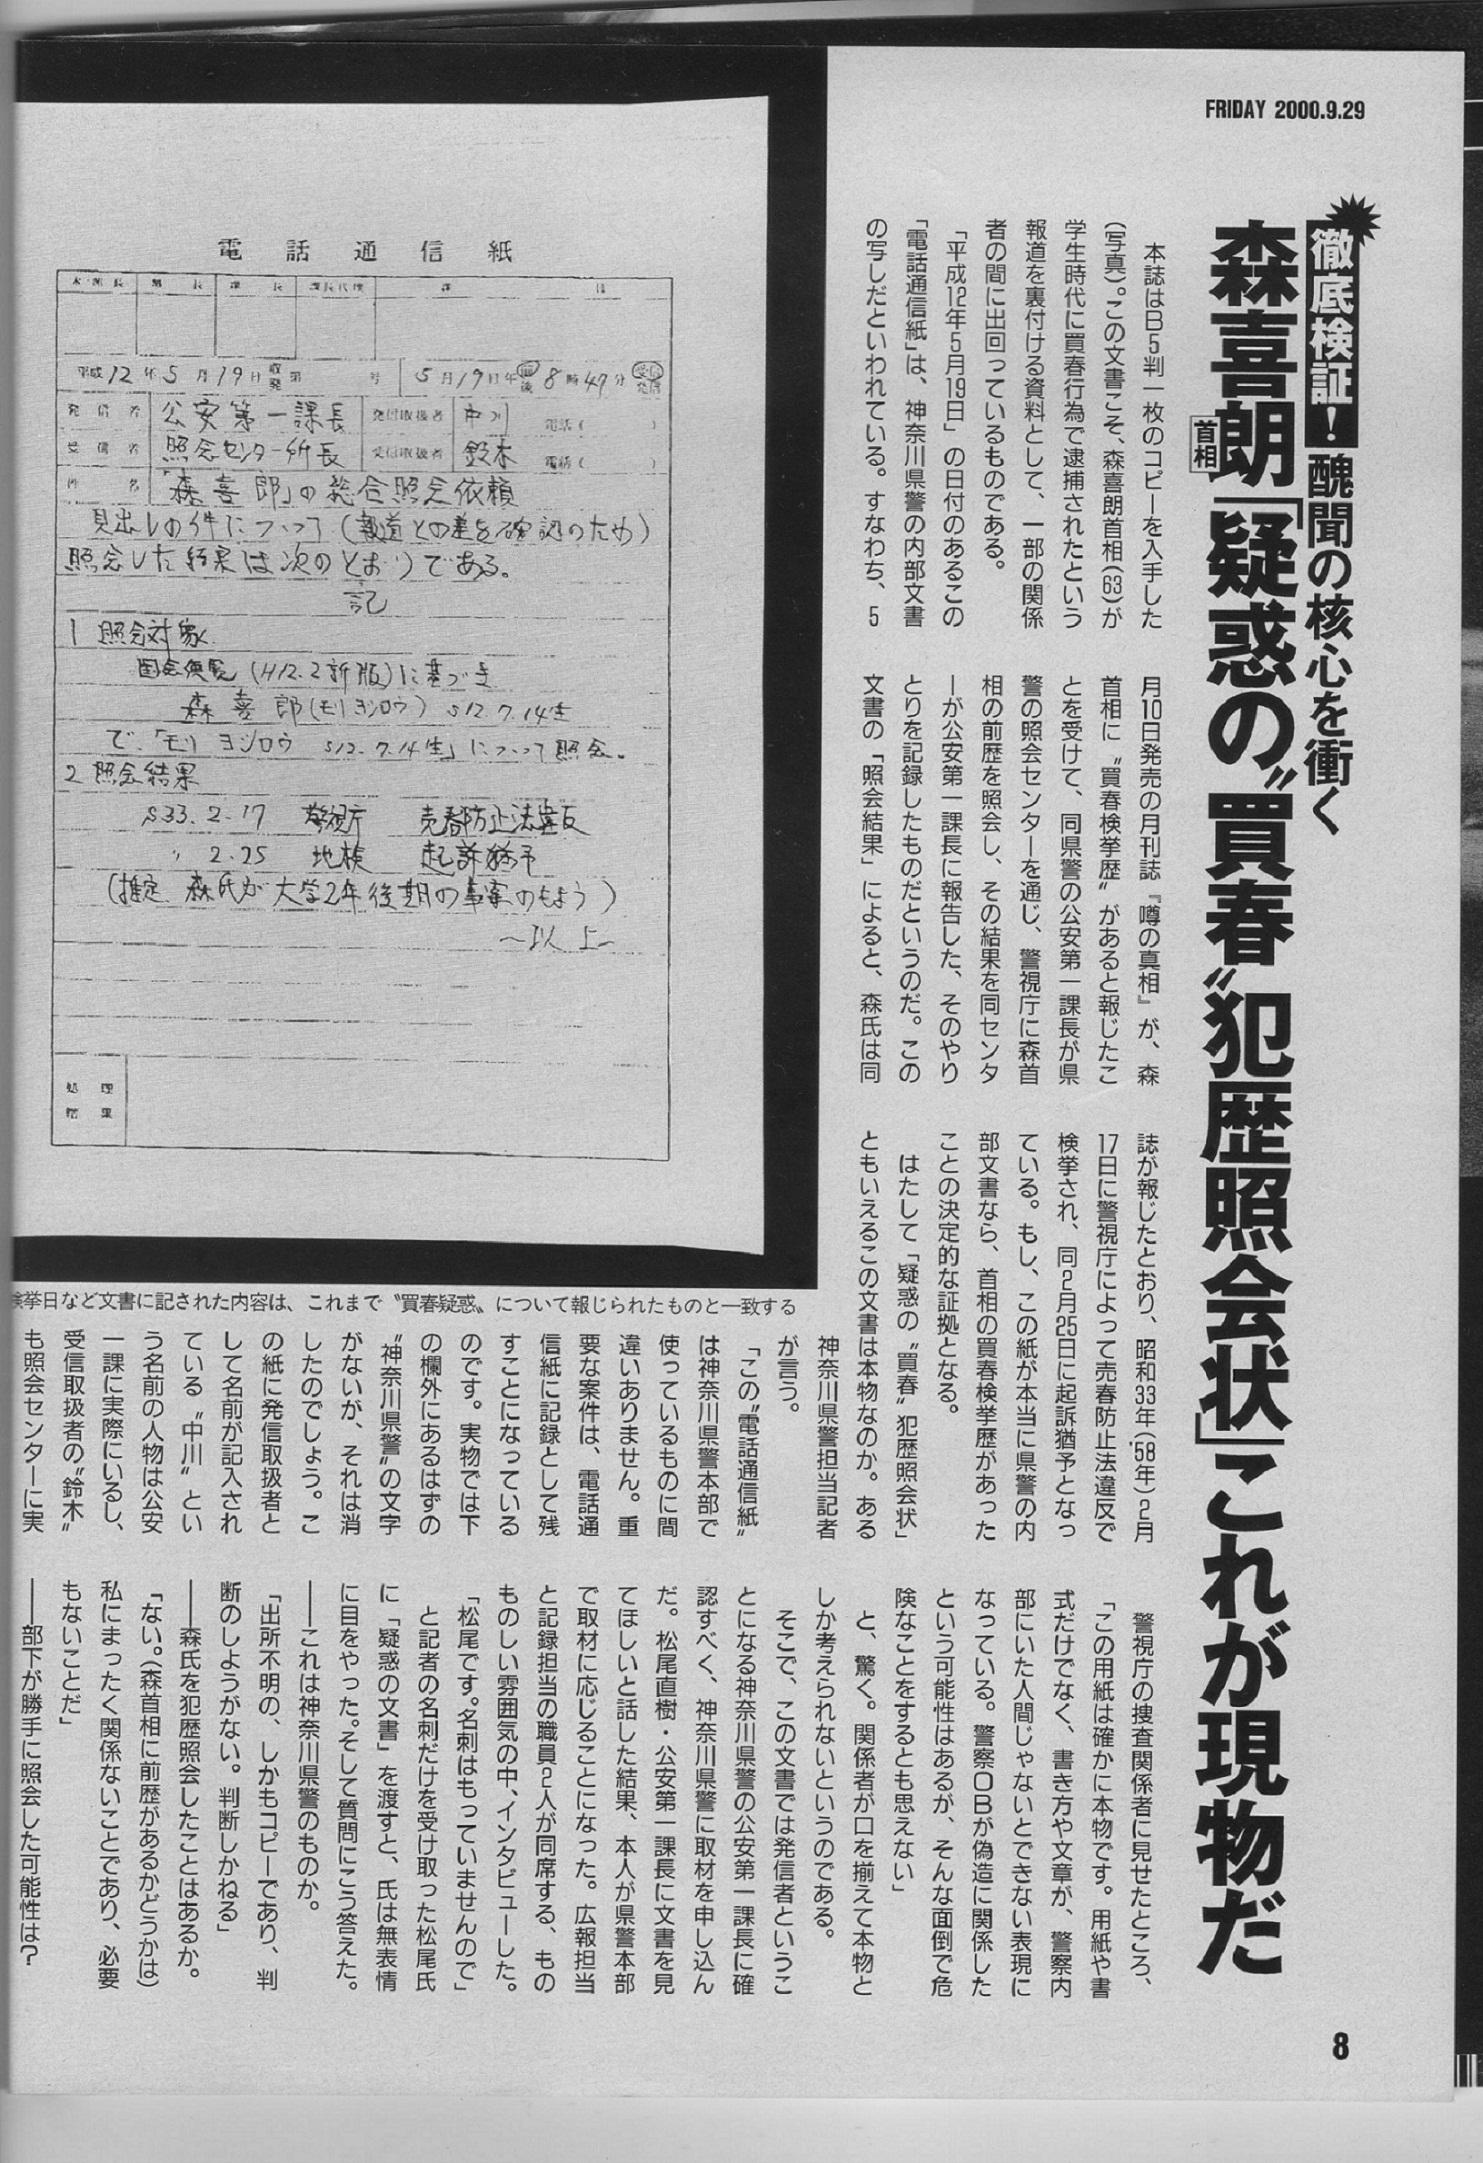 ③森喜朗 昭和33年2月17日警視庁に売春防止法違反で検挙。2月25日起訴猶予。犯歴照会状。「FRIDAY」2000年9月29日号